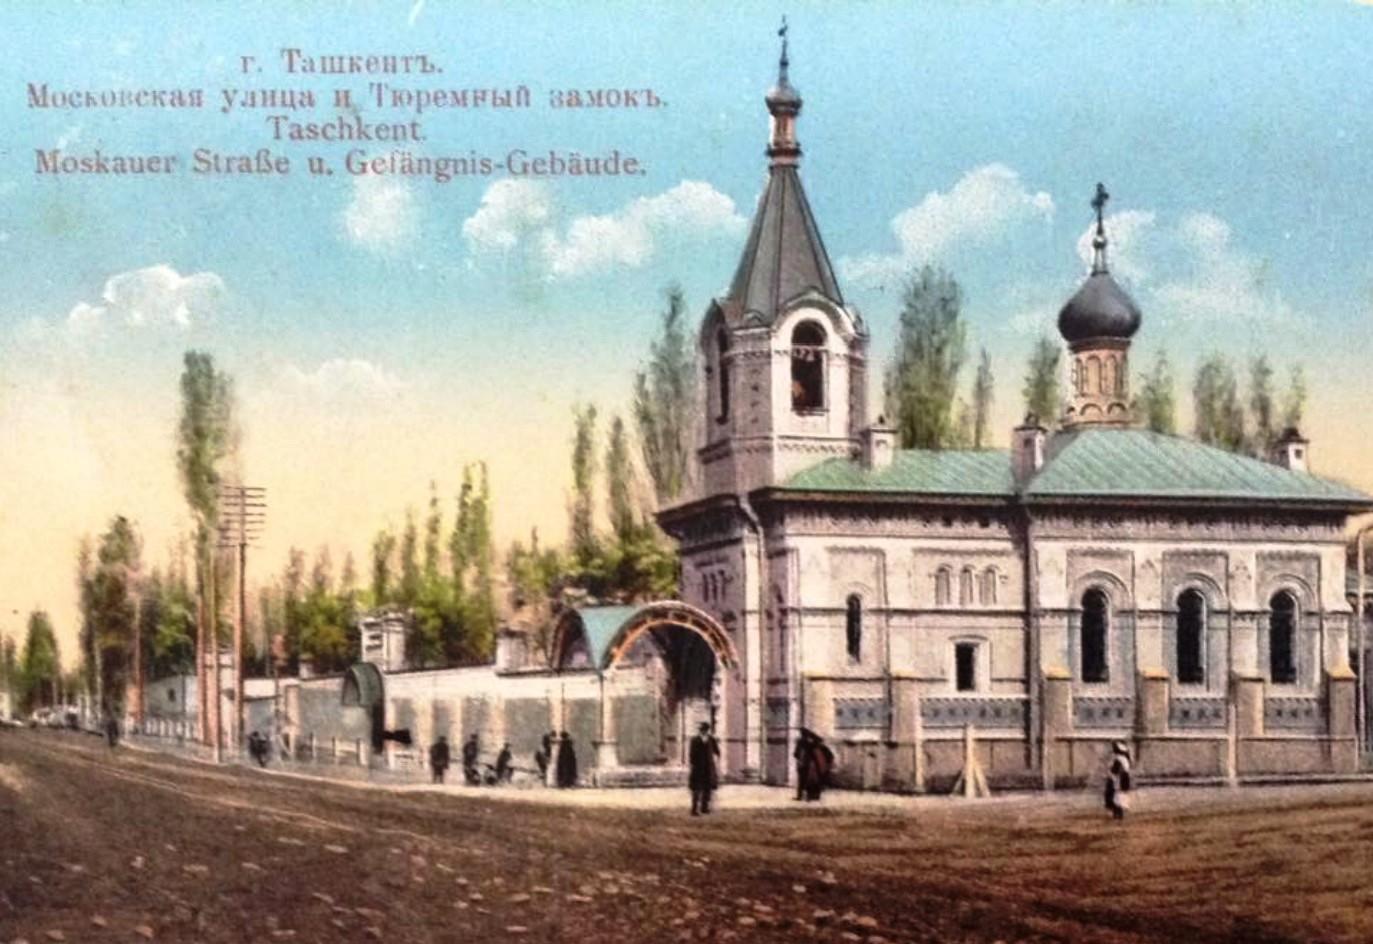 Московская улица и Тюремный замок